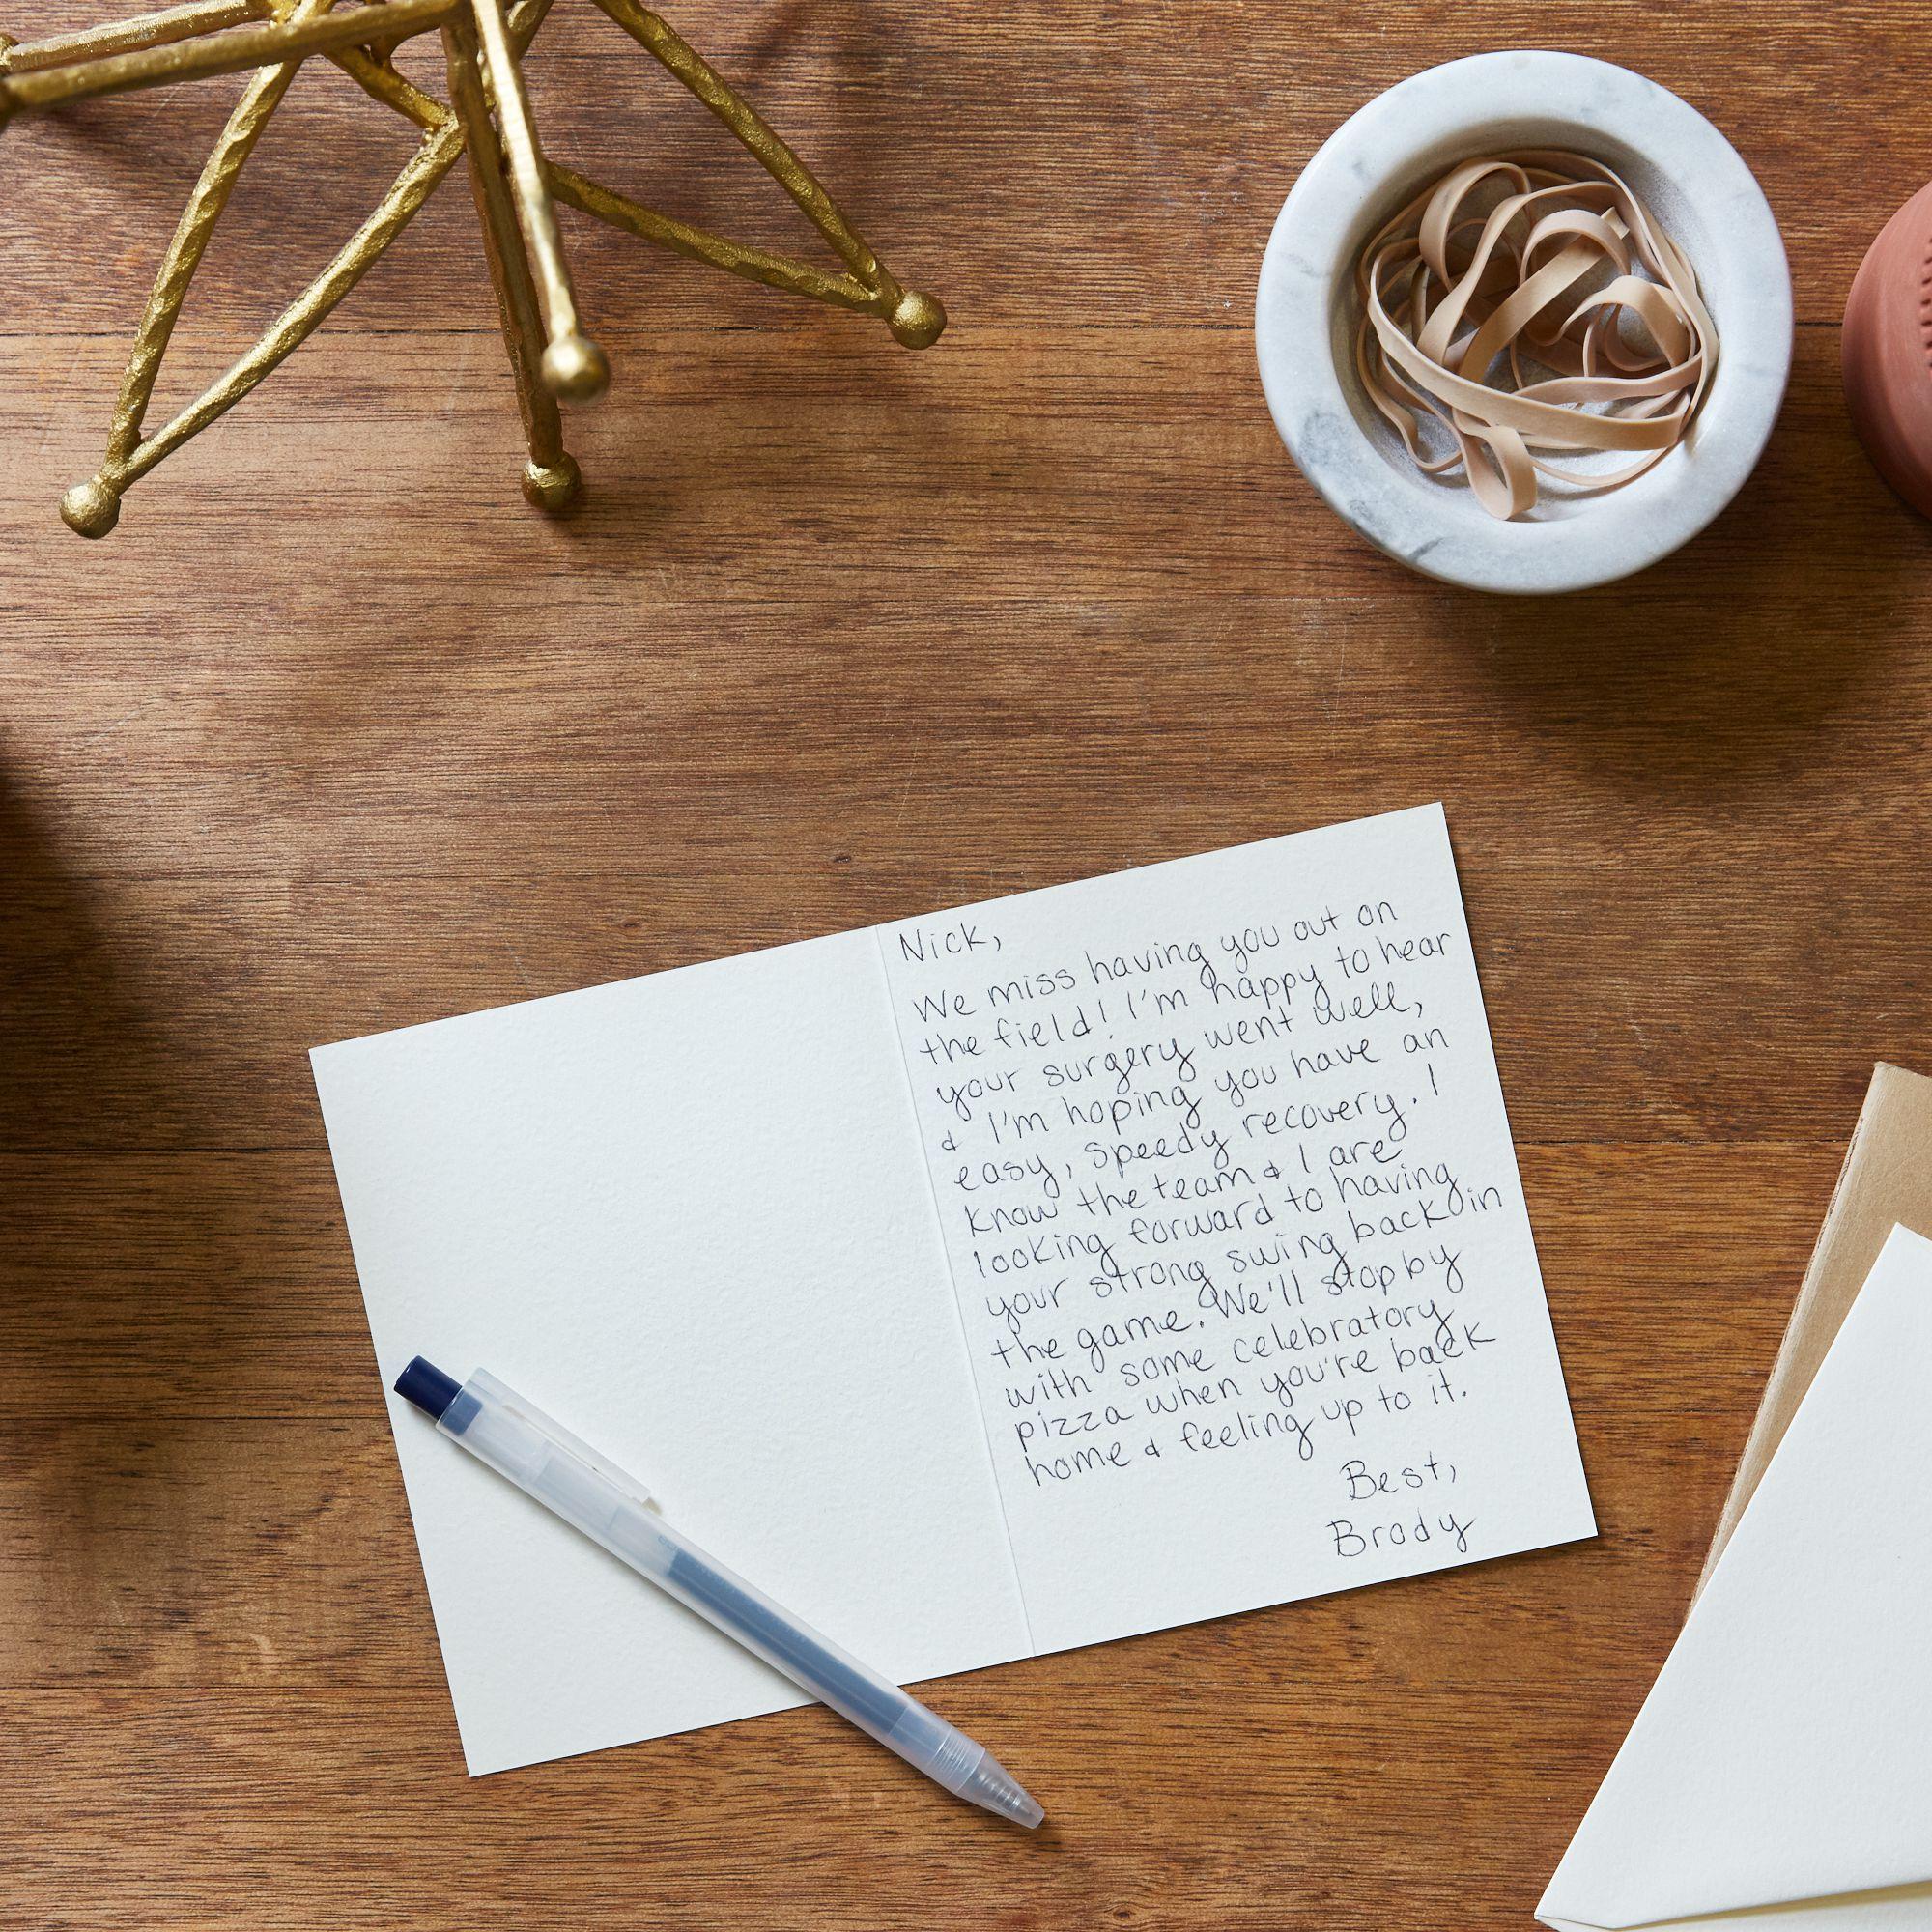 چگونه آرزوهایمان را بنویسیم